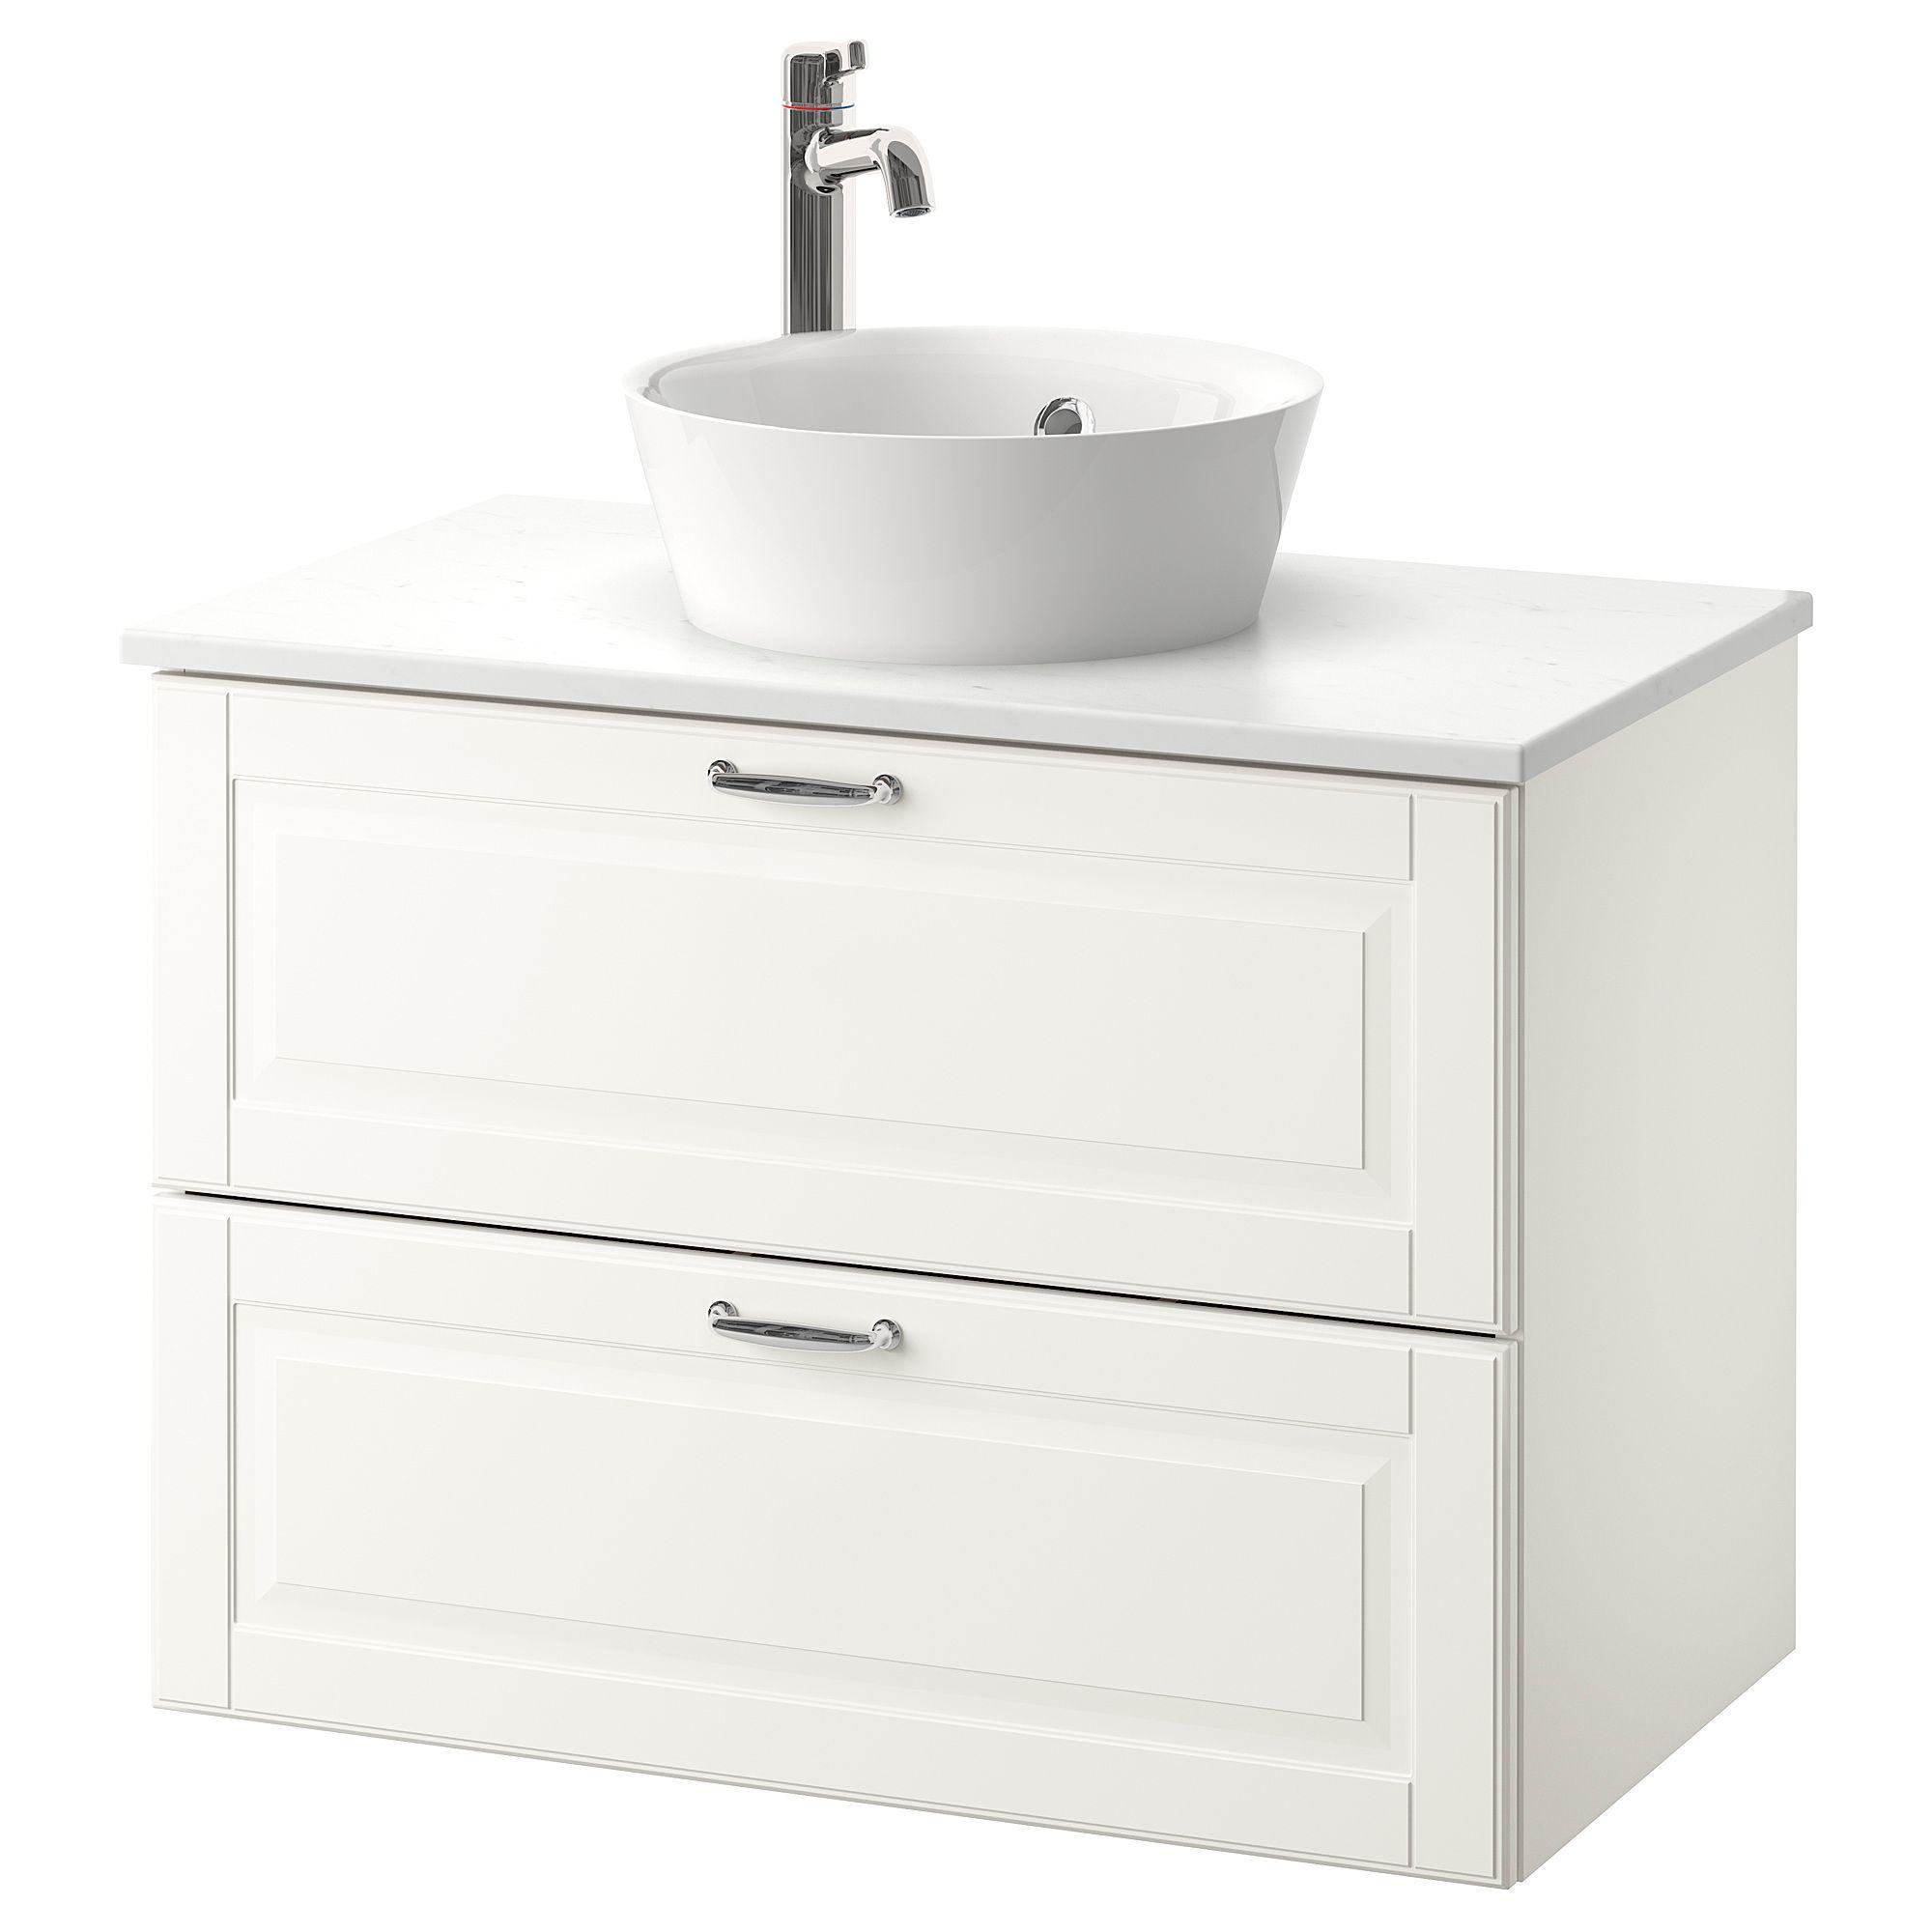 Godmorgon Tolken Kattevik Waschbschr Aufsatzwaschb 40 Kasjon Weiss Unterschrank Ikea Und Ikea Godmorgon